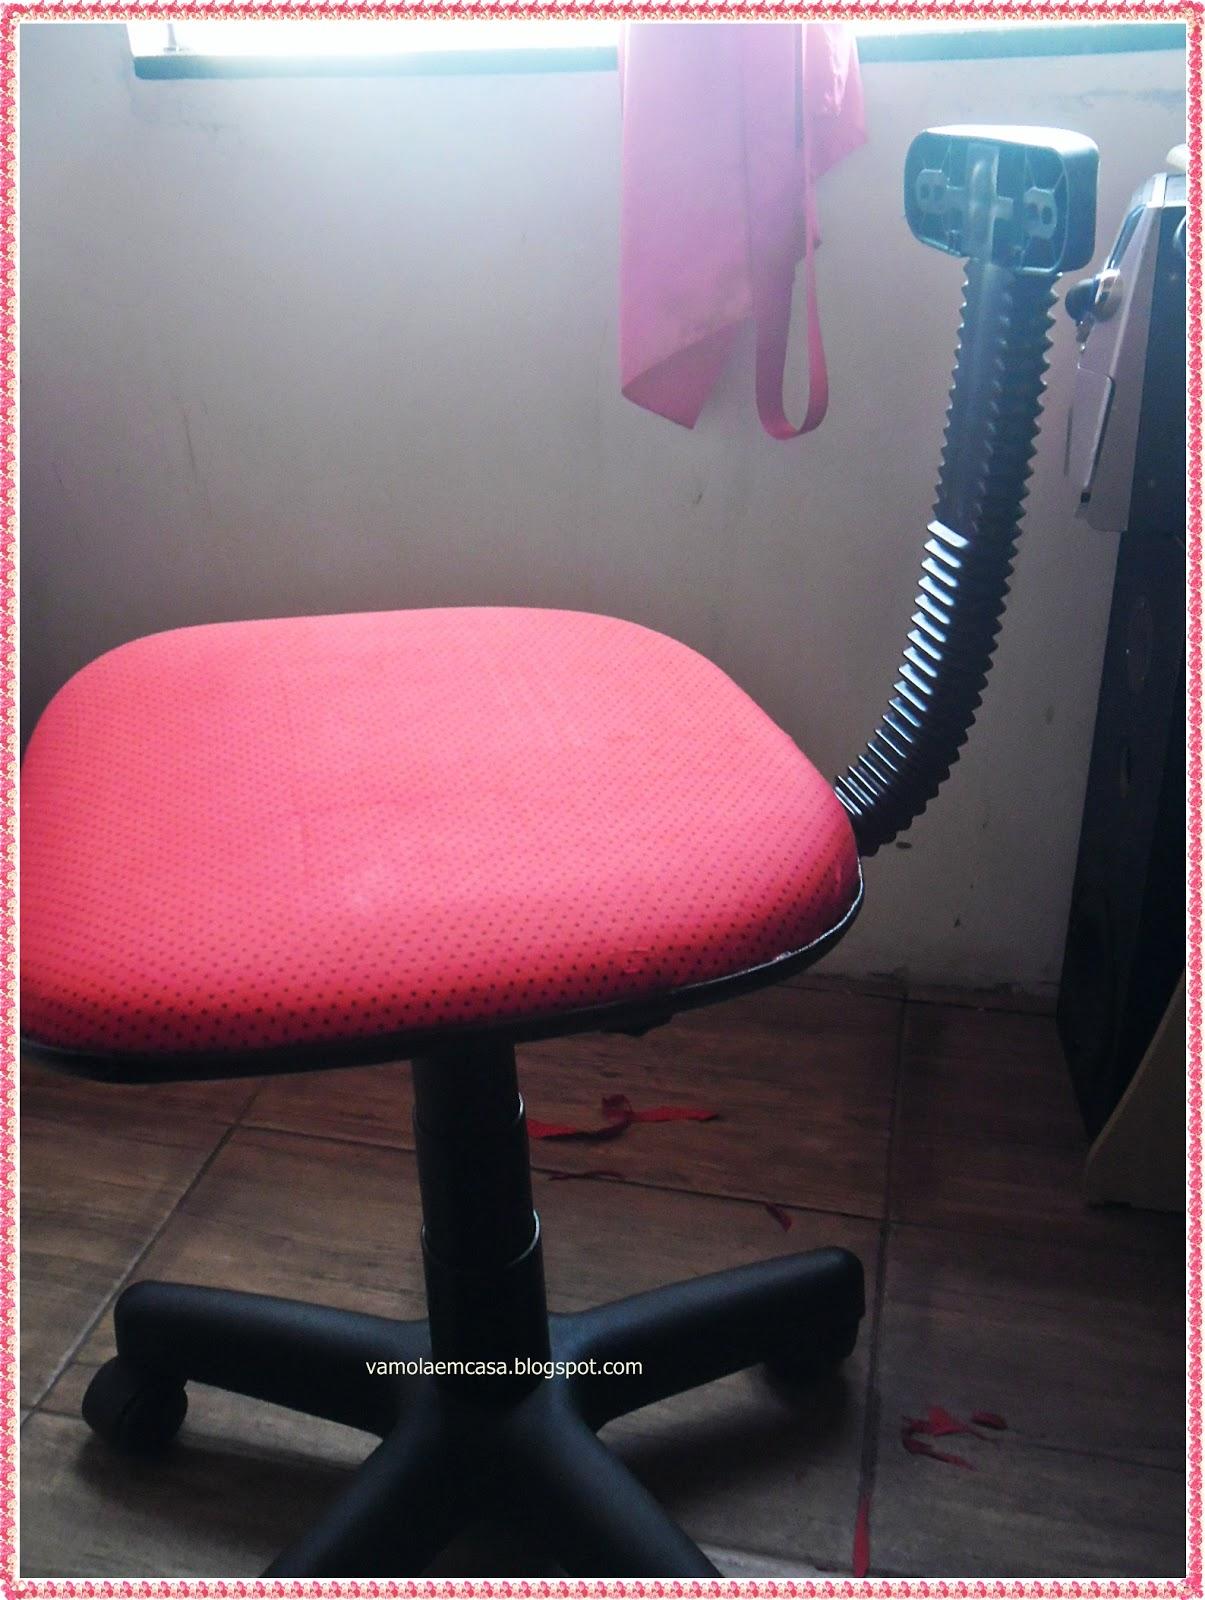 Vâmo Lá em Casa: Reformando a Cadeira do Computador com Tecido #B91237 1205x1600